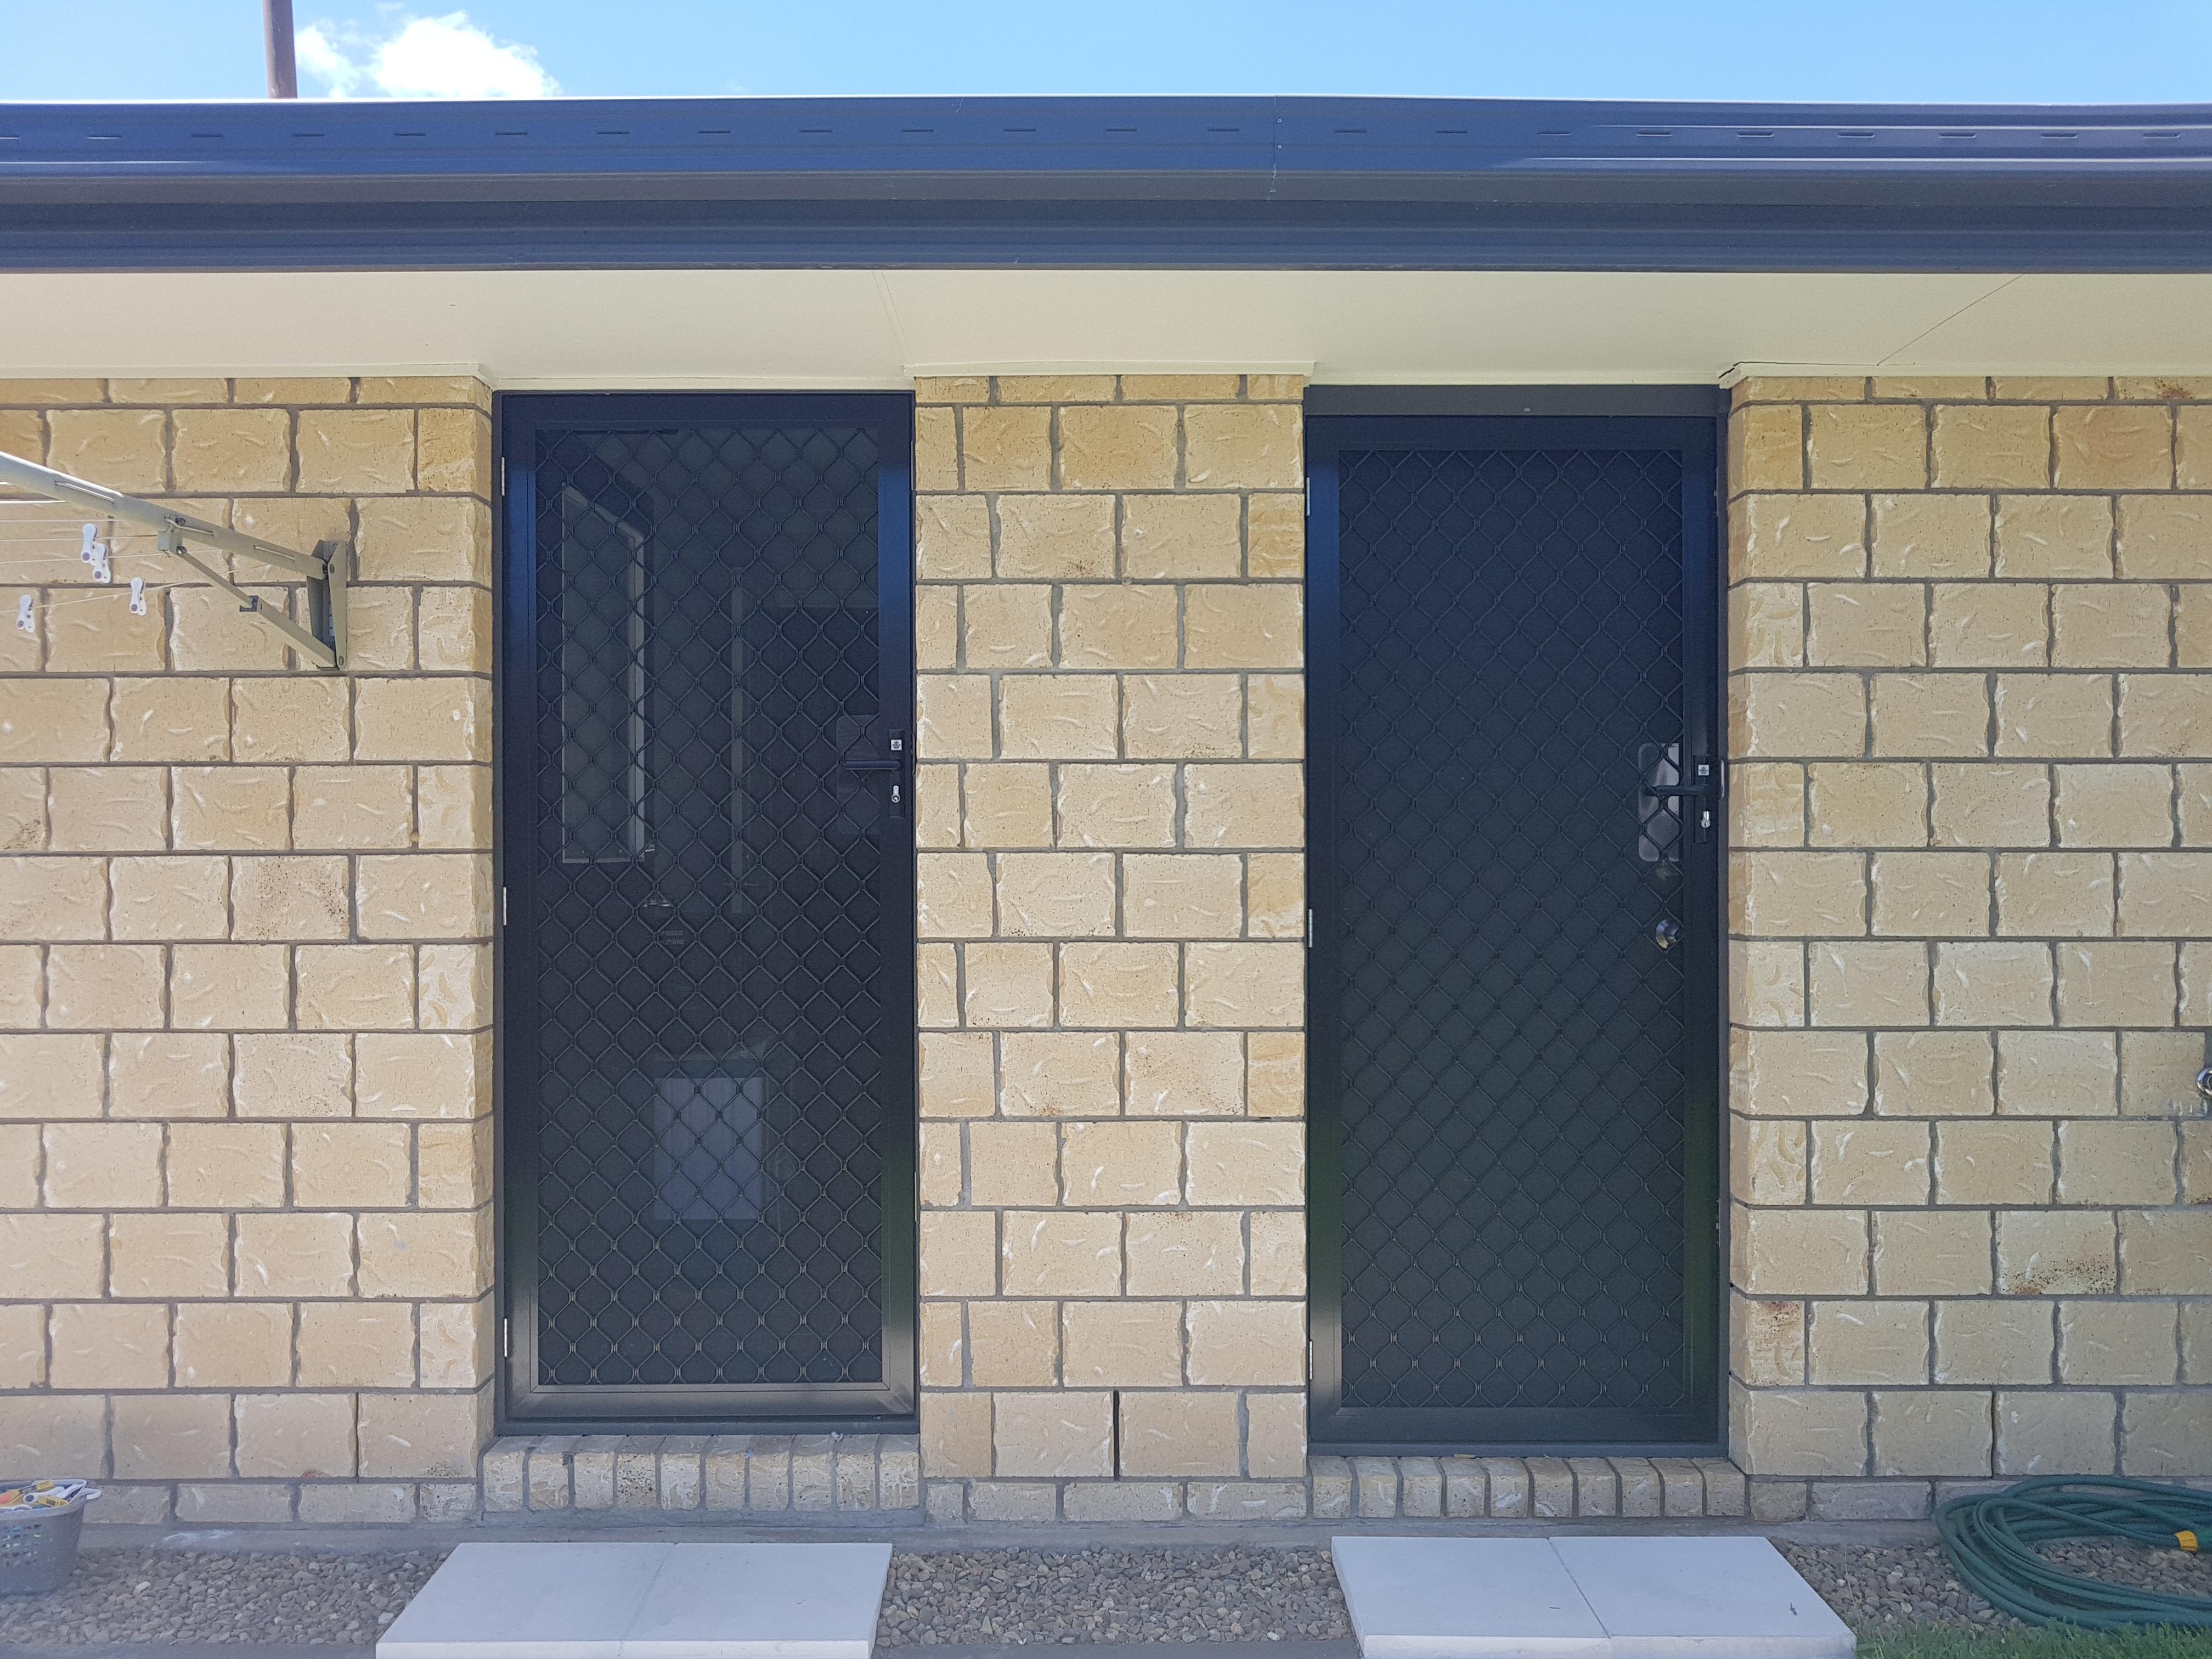 Diamond grille security doors, Warner